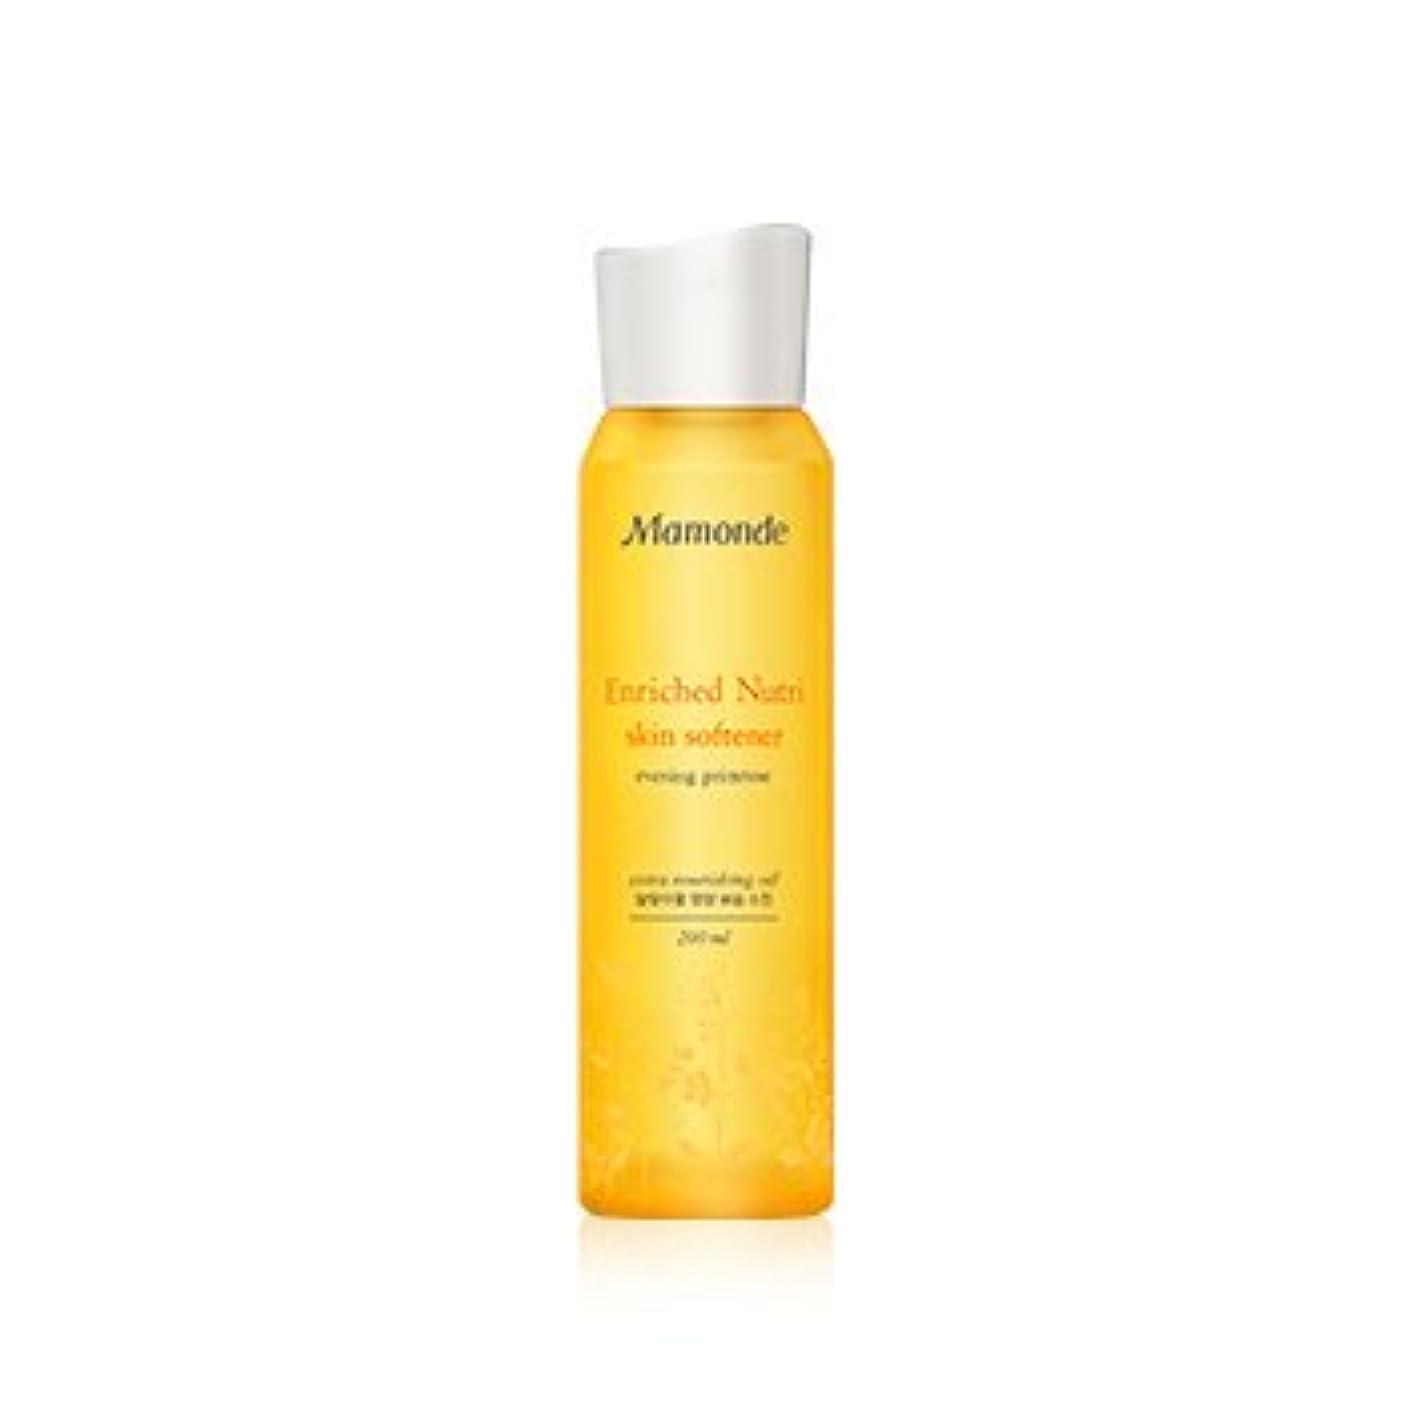 決めますサラダ電気陽性[New] Mamonde Enriched Nutri Skin Softener 200ml/マモンド エンリッチド ニュートリ スキン ソフナー 200ml [並行輸入品]